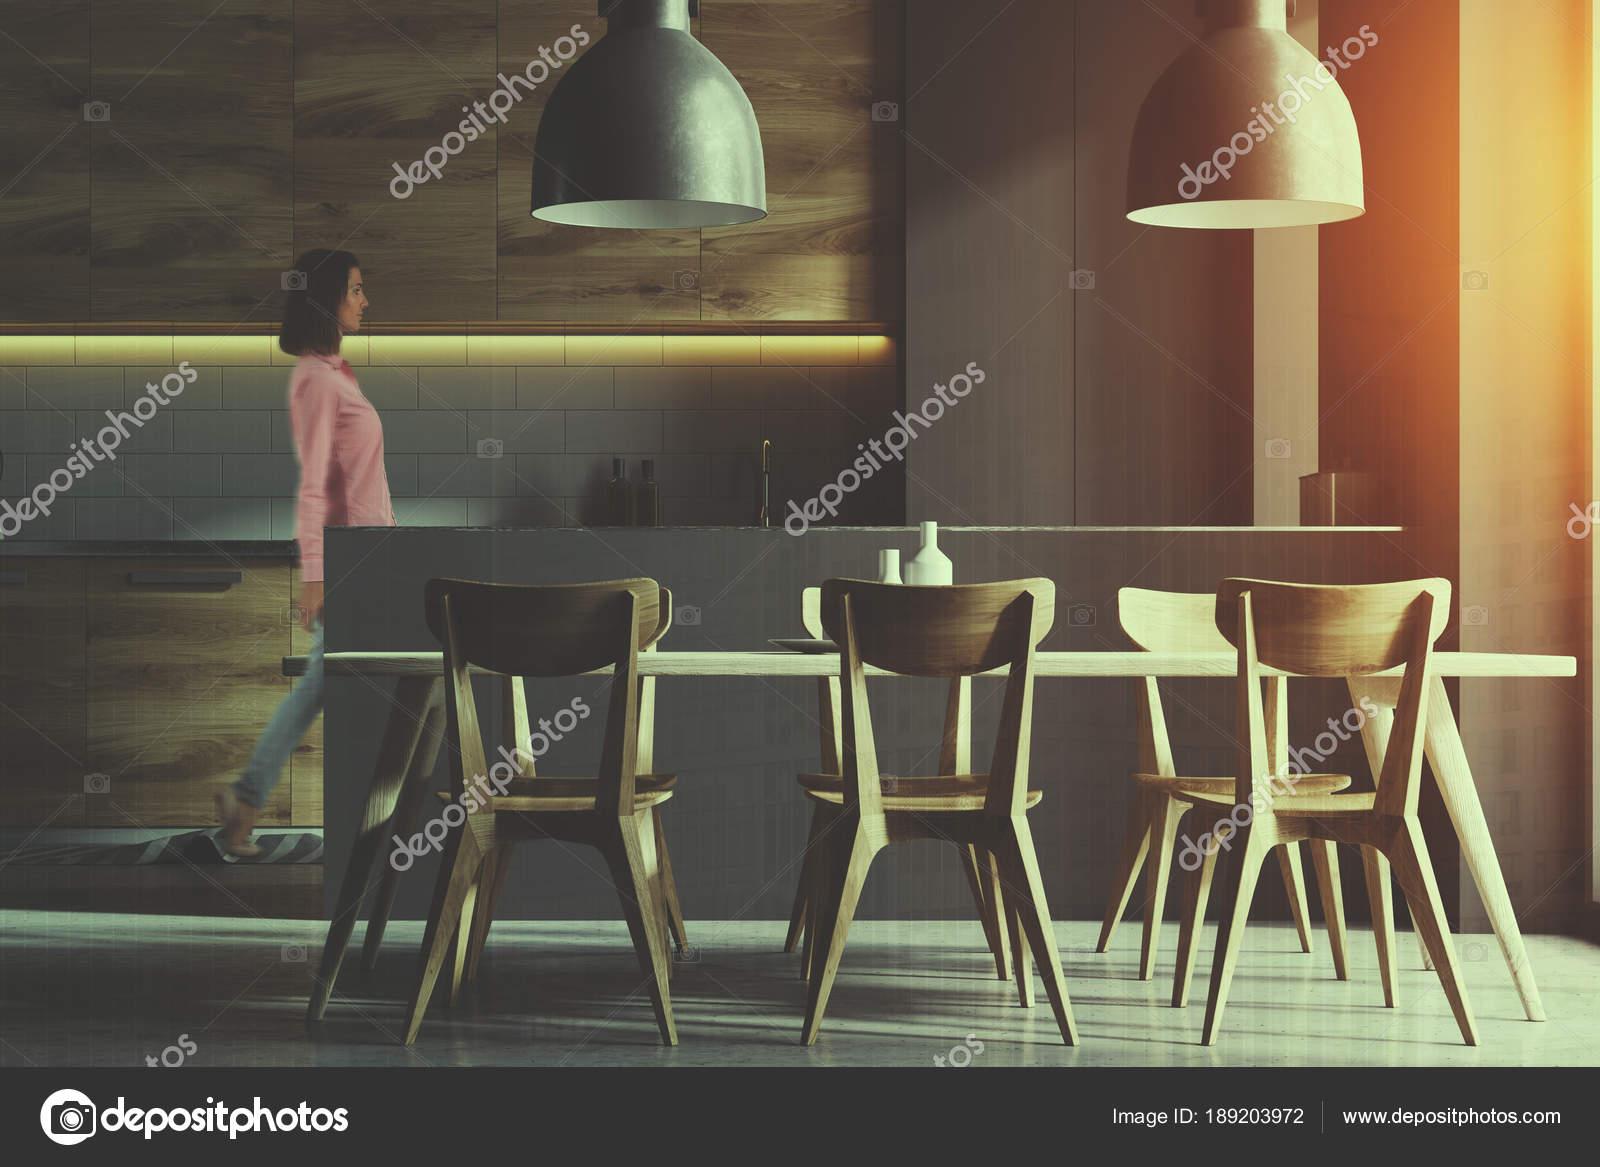 Moderne Küche Interieur Mit Grauen Und Weißen Backstein Mauern, Einen  Betonboden Und Grau Und Holz Arbeitsplatten. Ein Langer Tisch Mit Stühlen  In Der Nähe ...